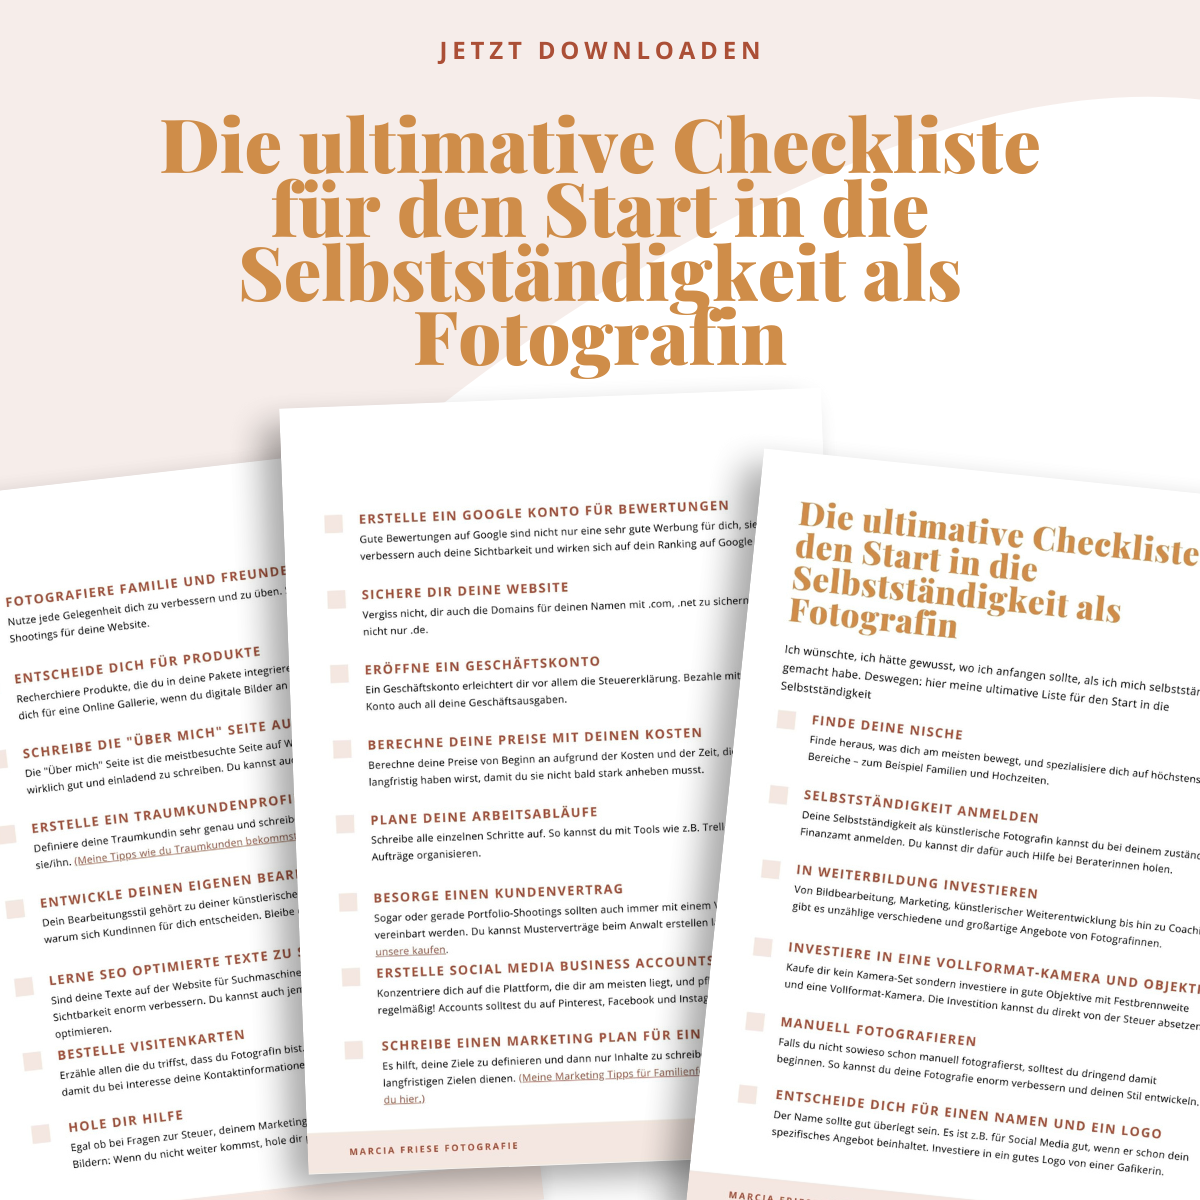 Checkliste für den Start in die Selbstständigkeit als Fotograf